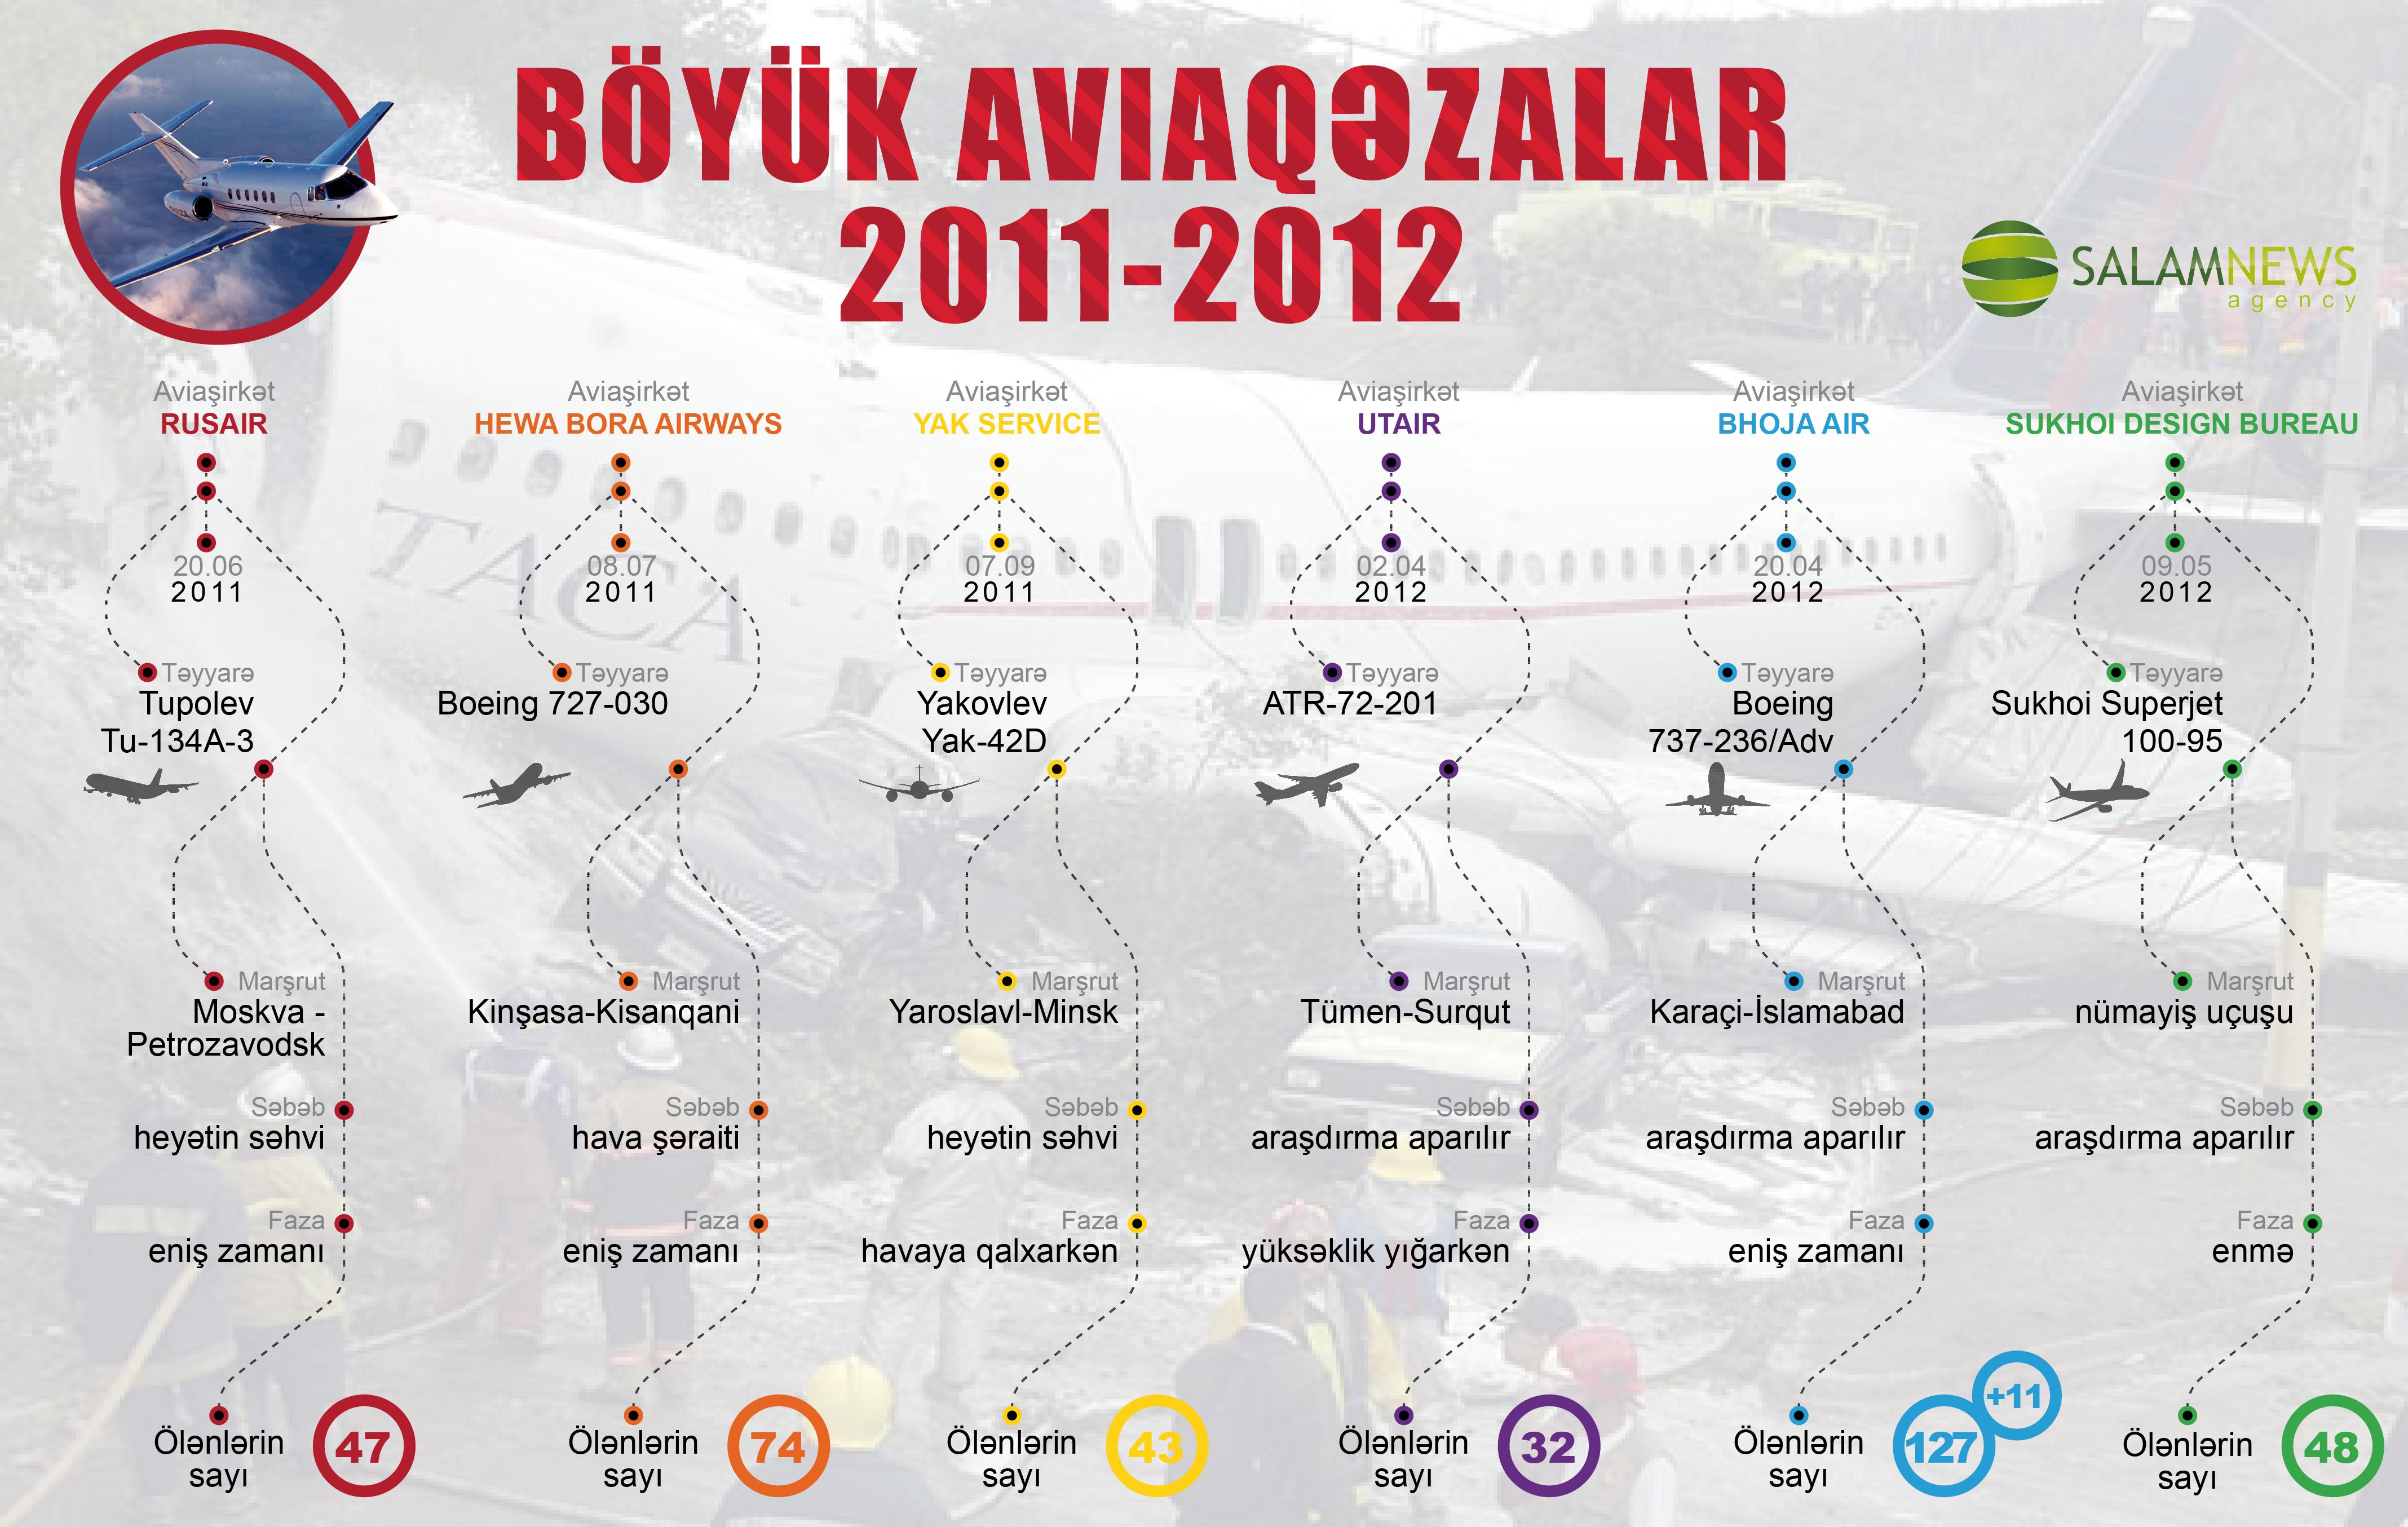 Böyük aviaqəzalar - 2011-2012